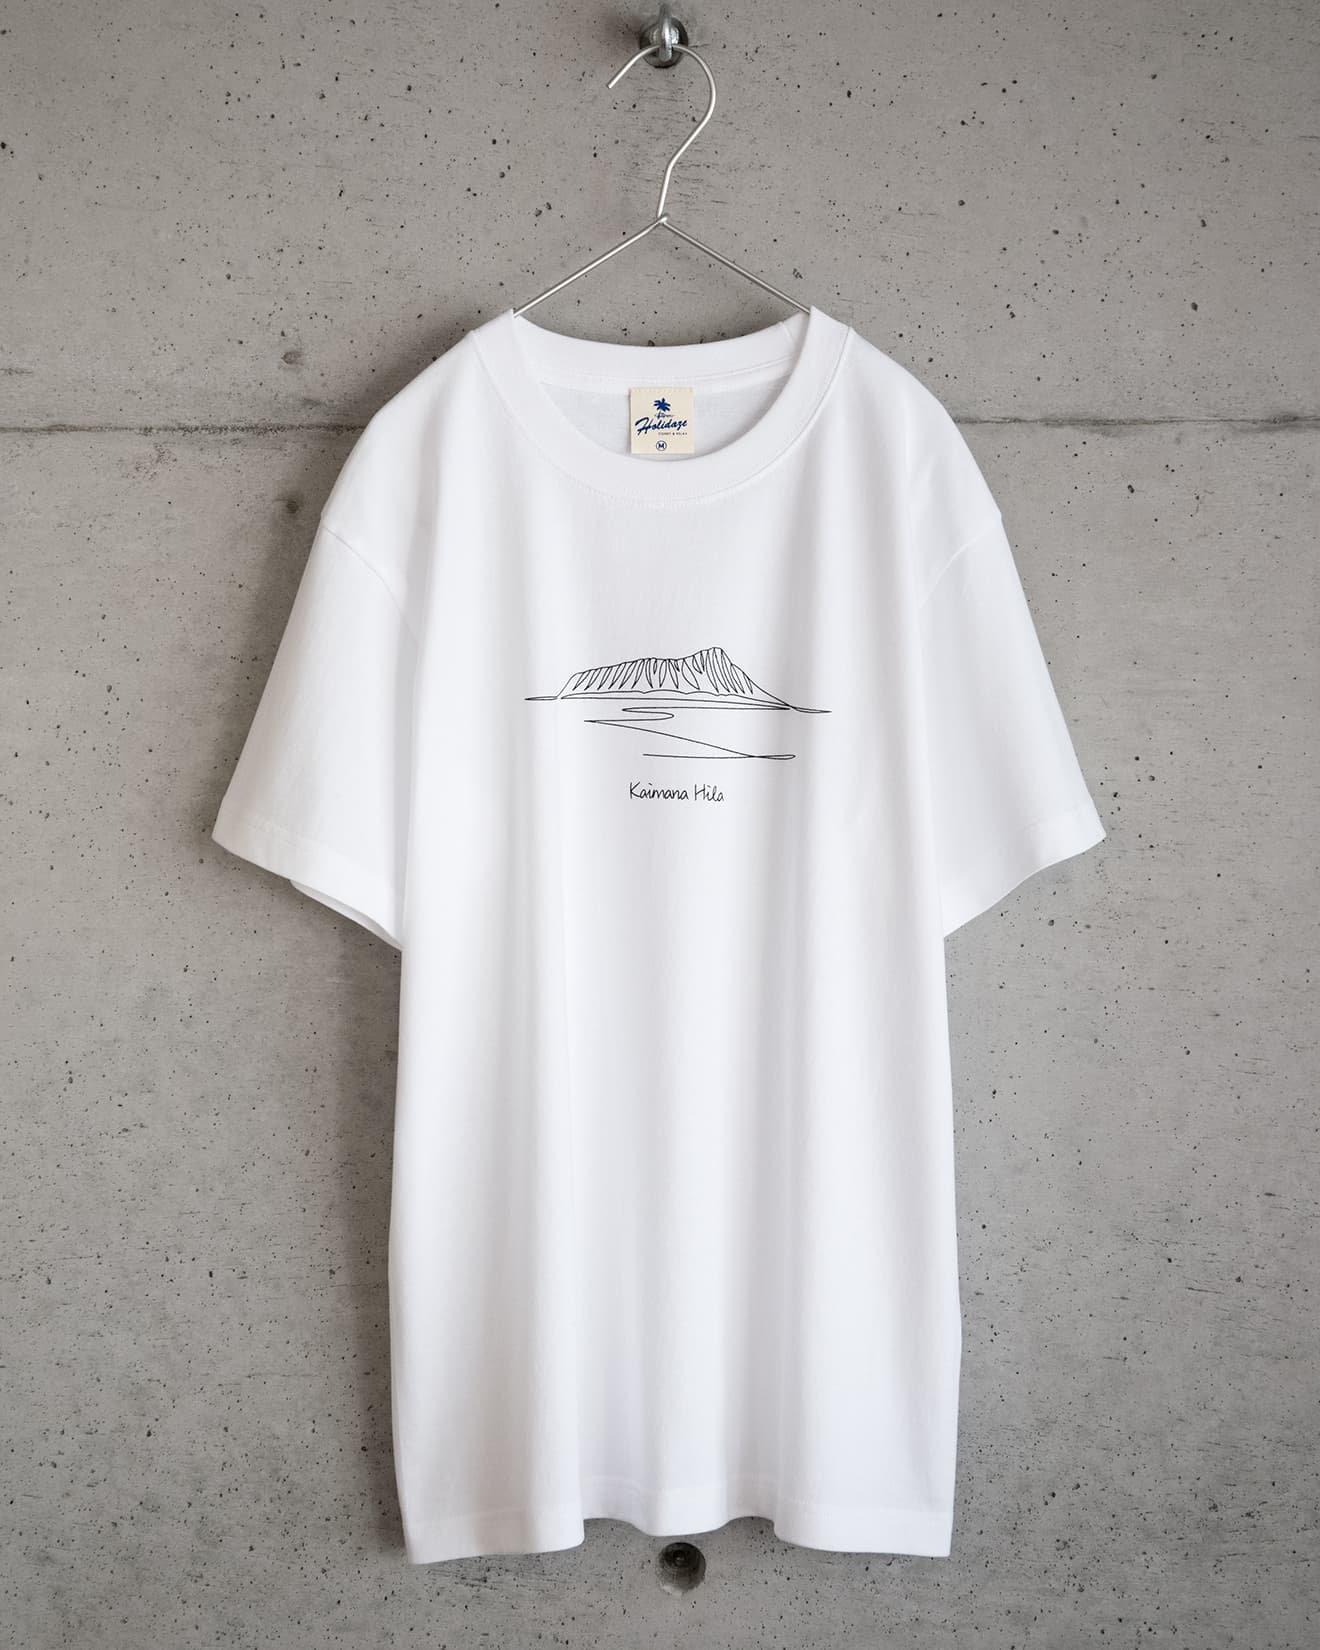 ホリデイズのサーフ系 KAIMANA HILA Tシャツ